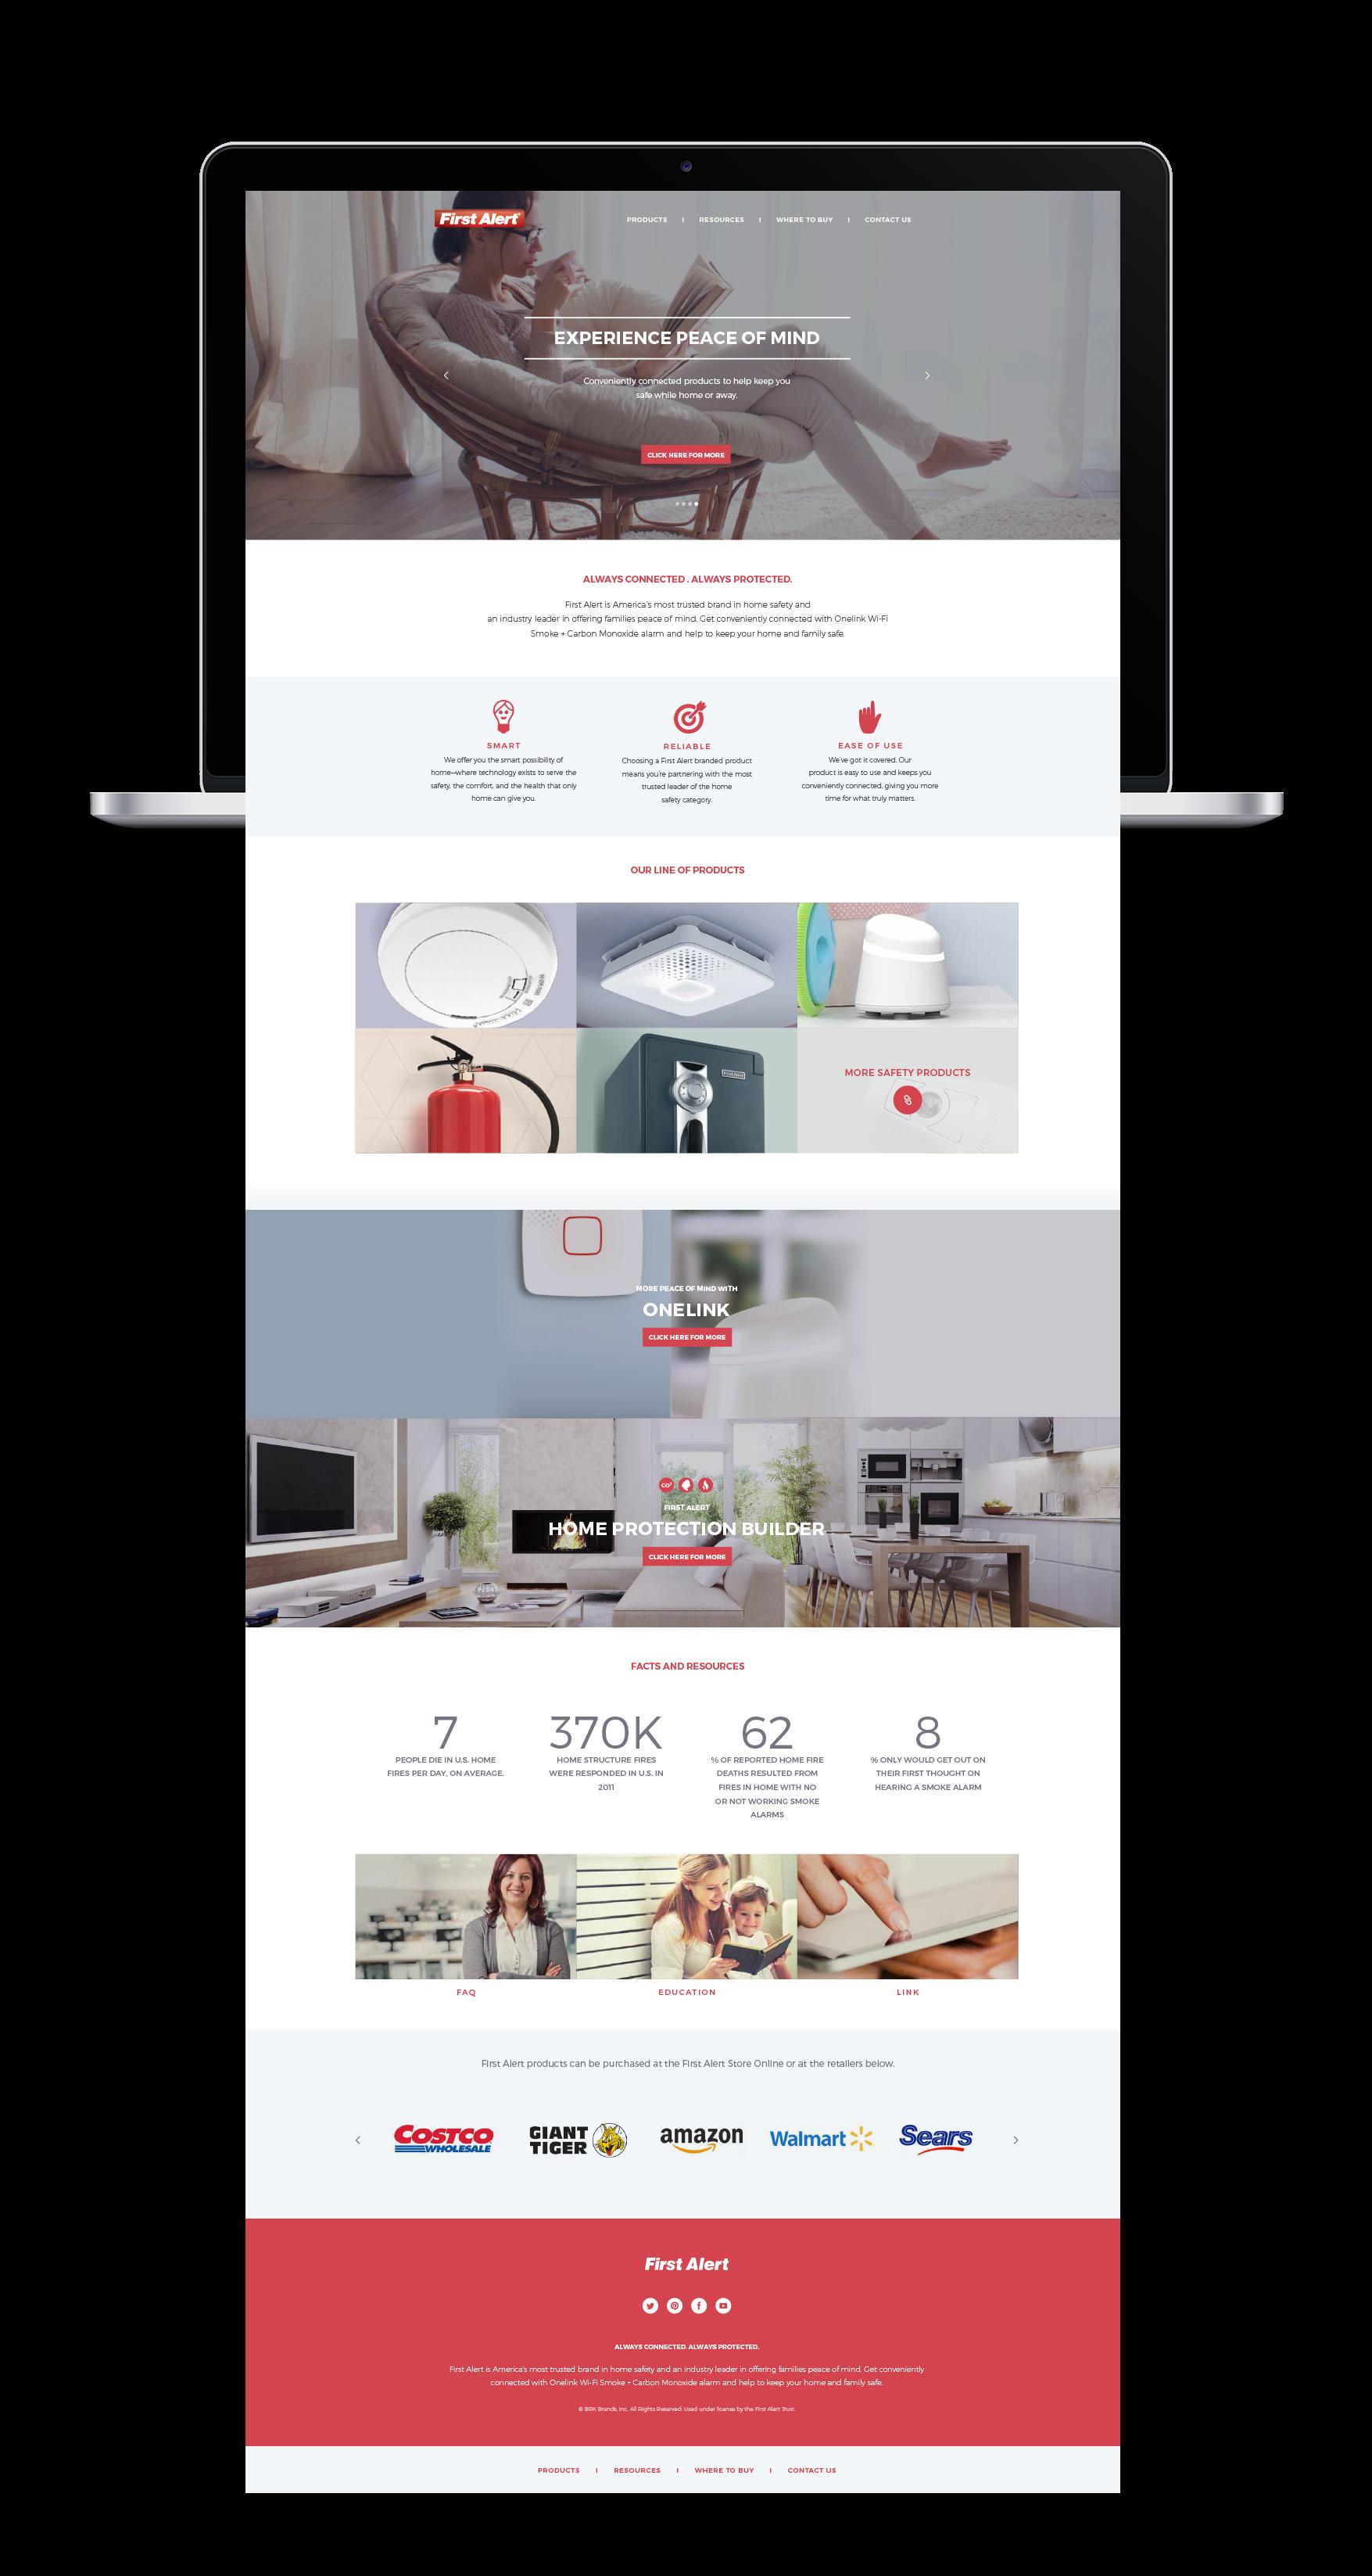 Home Safety Website Design - First Alert | Flowmarq